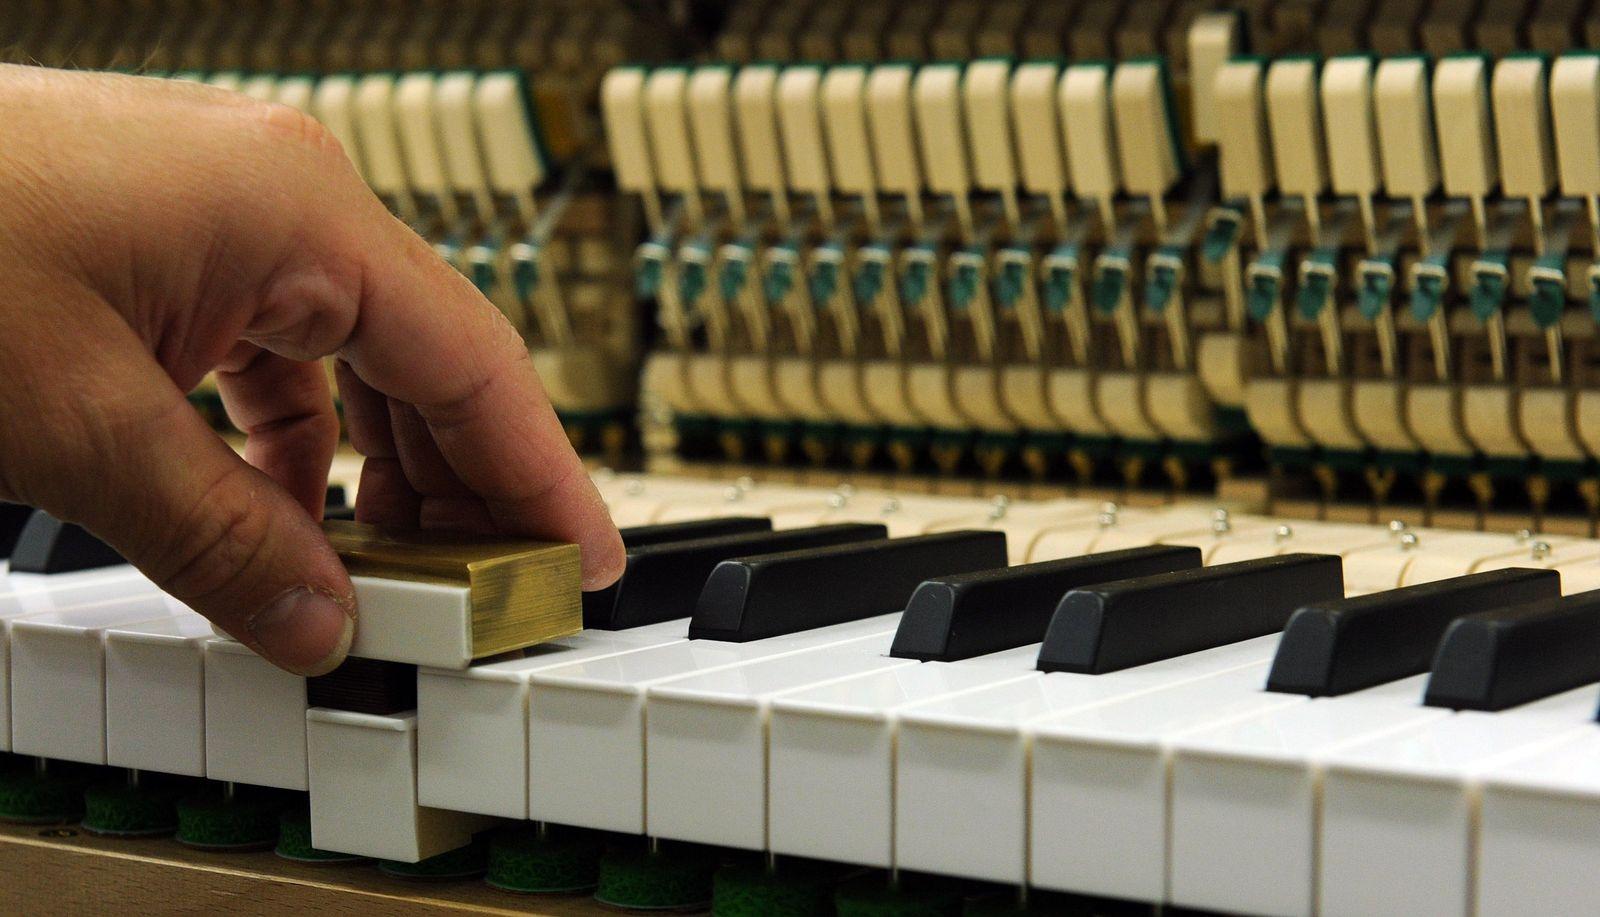 Klavierproduktion bei Grotrian-Steinweg